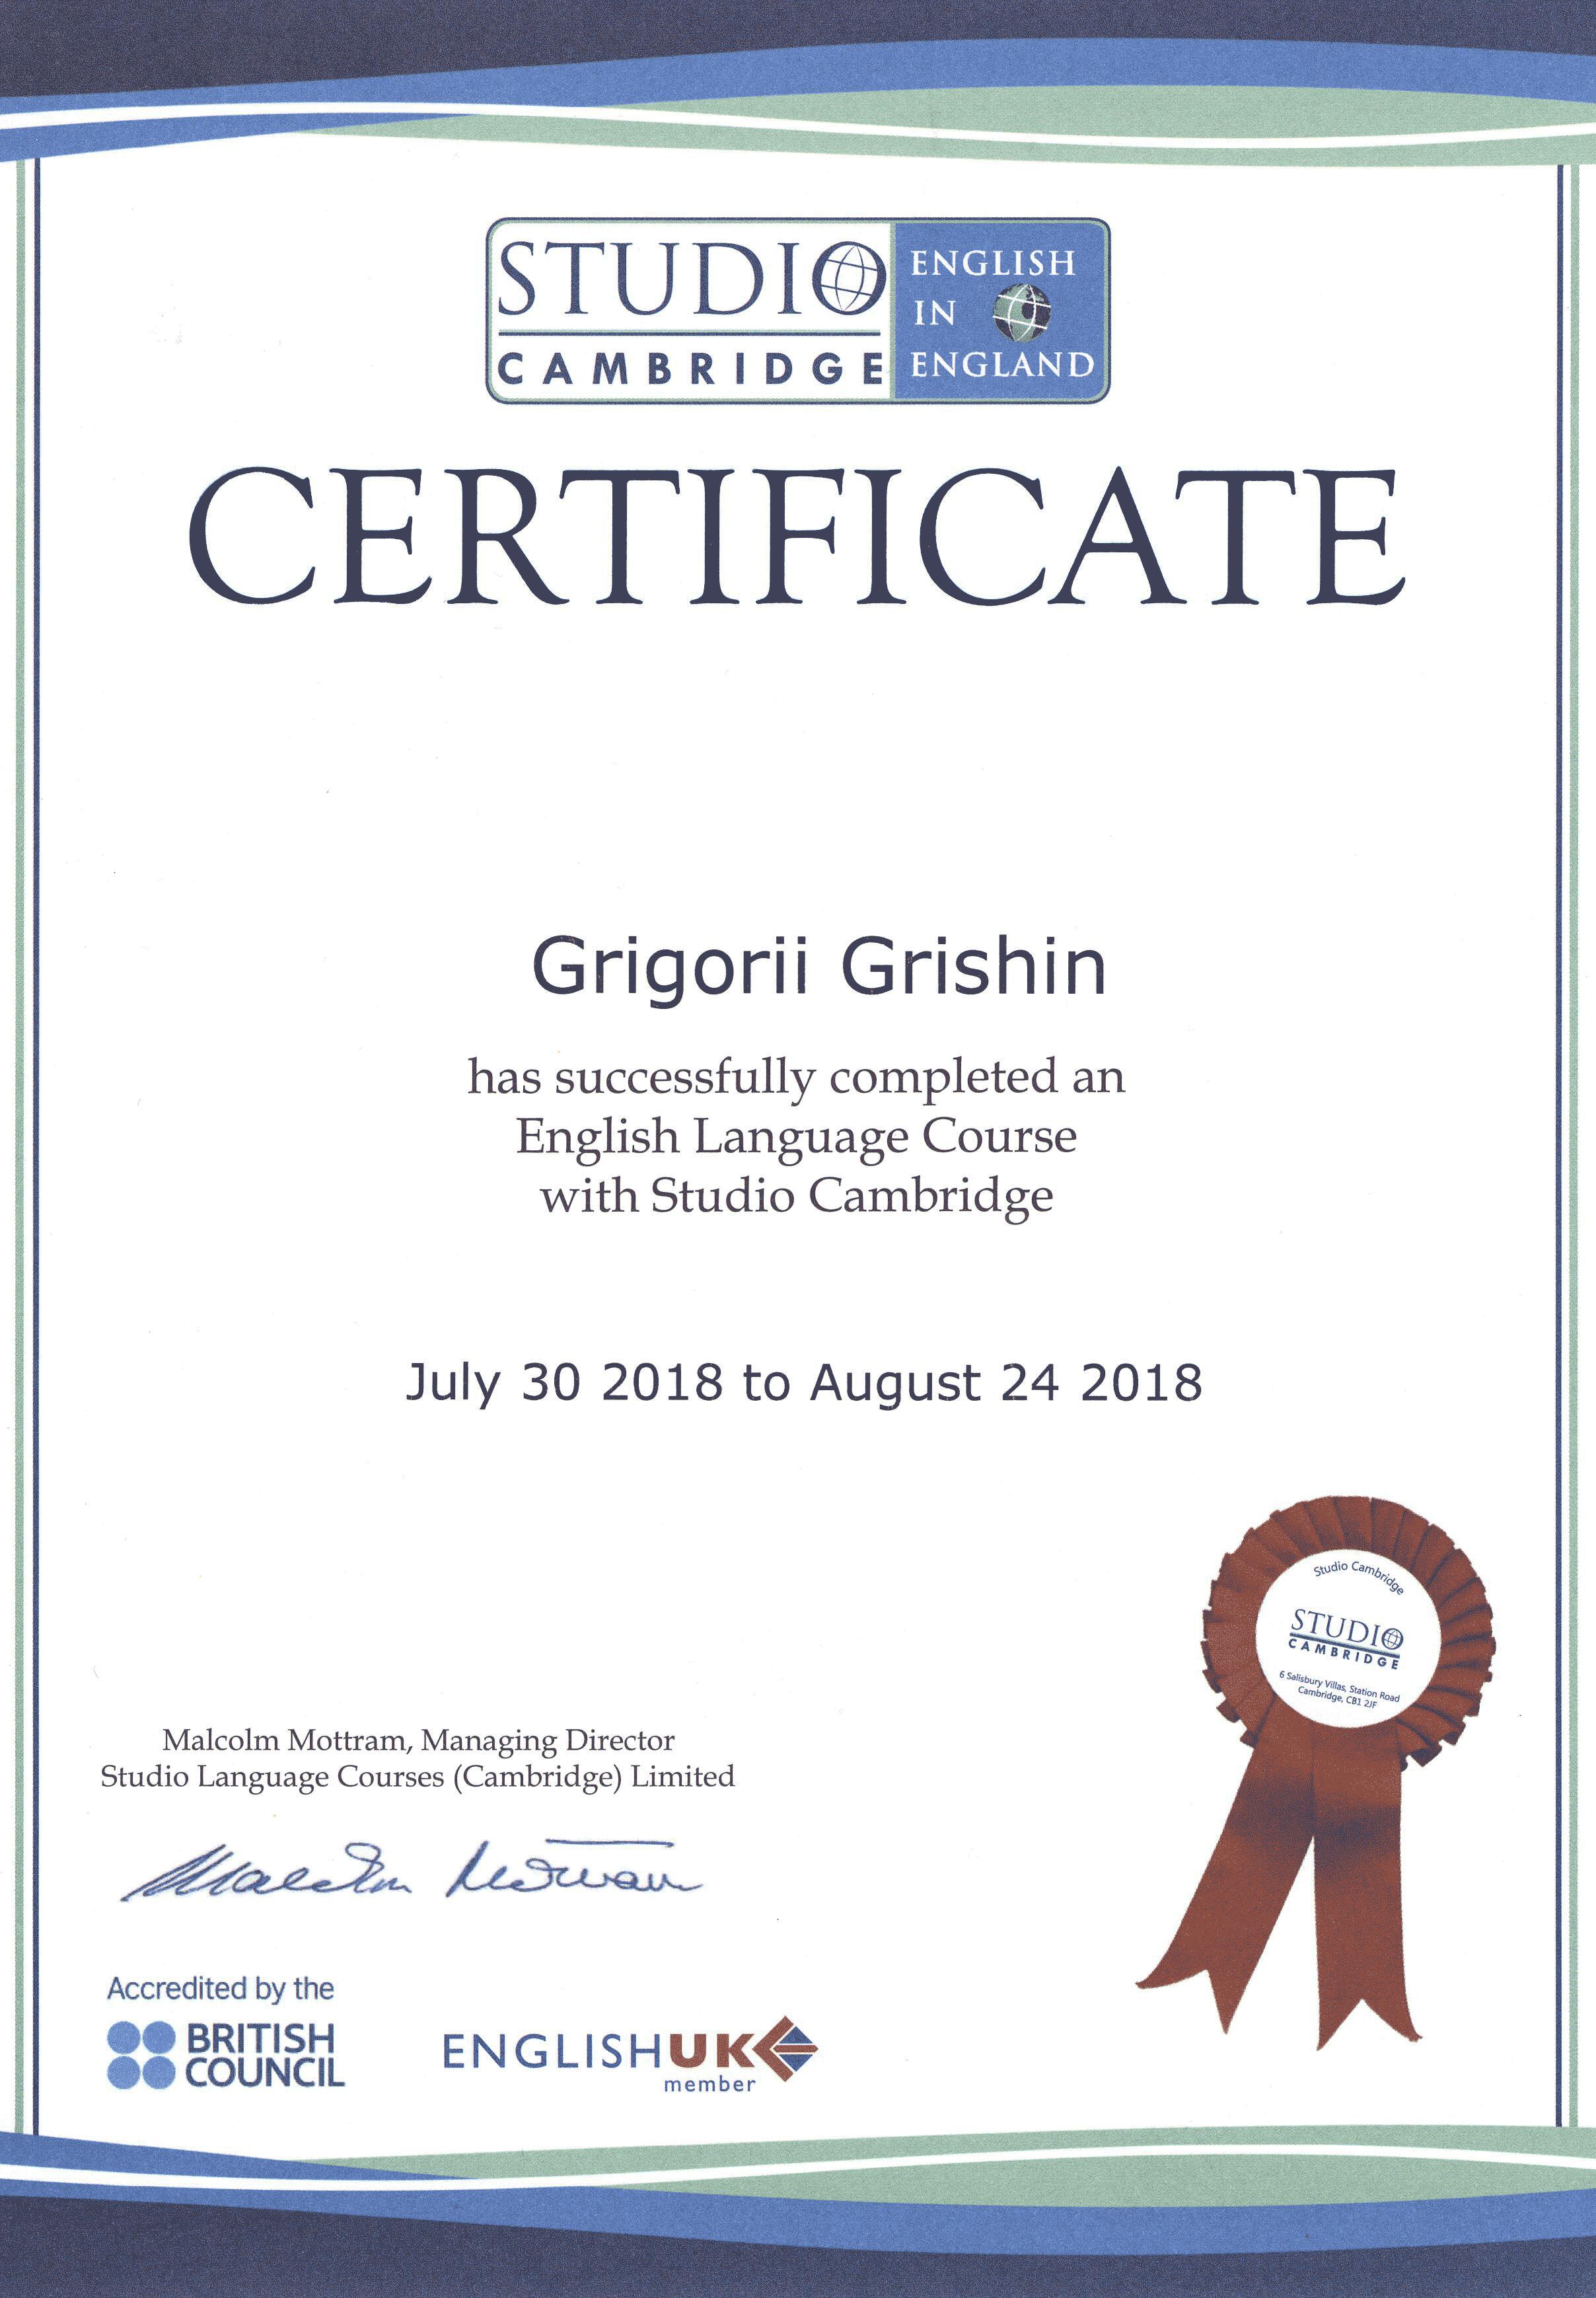 Сертификат об успешном окончании курса